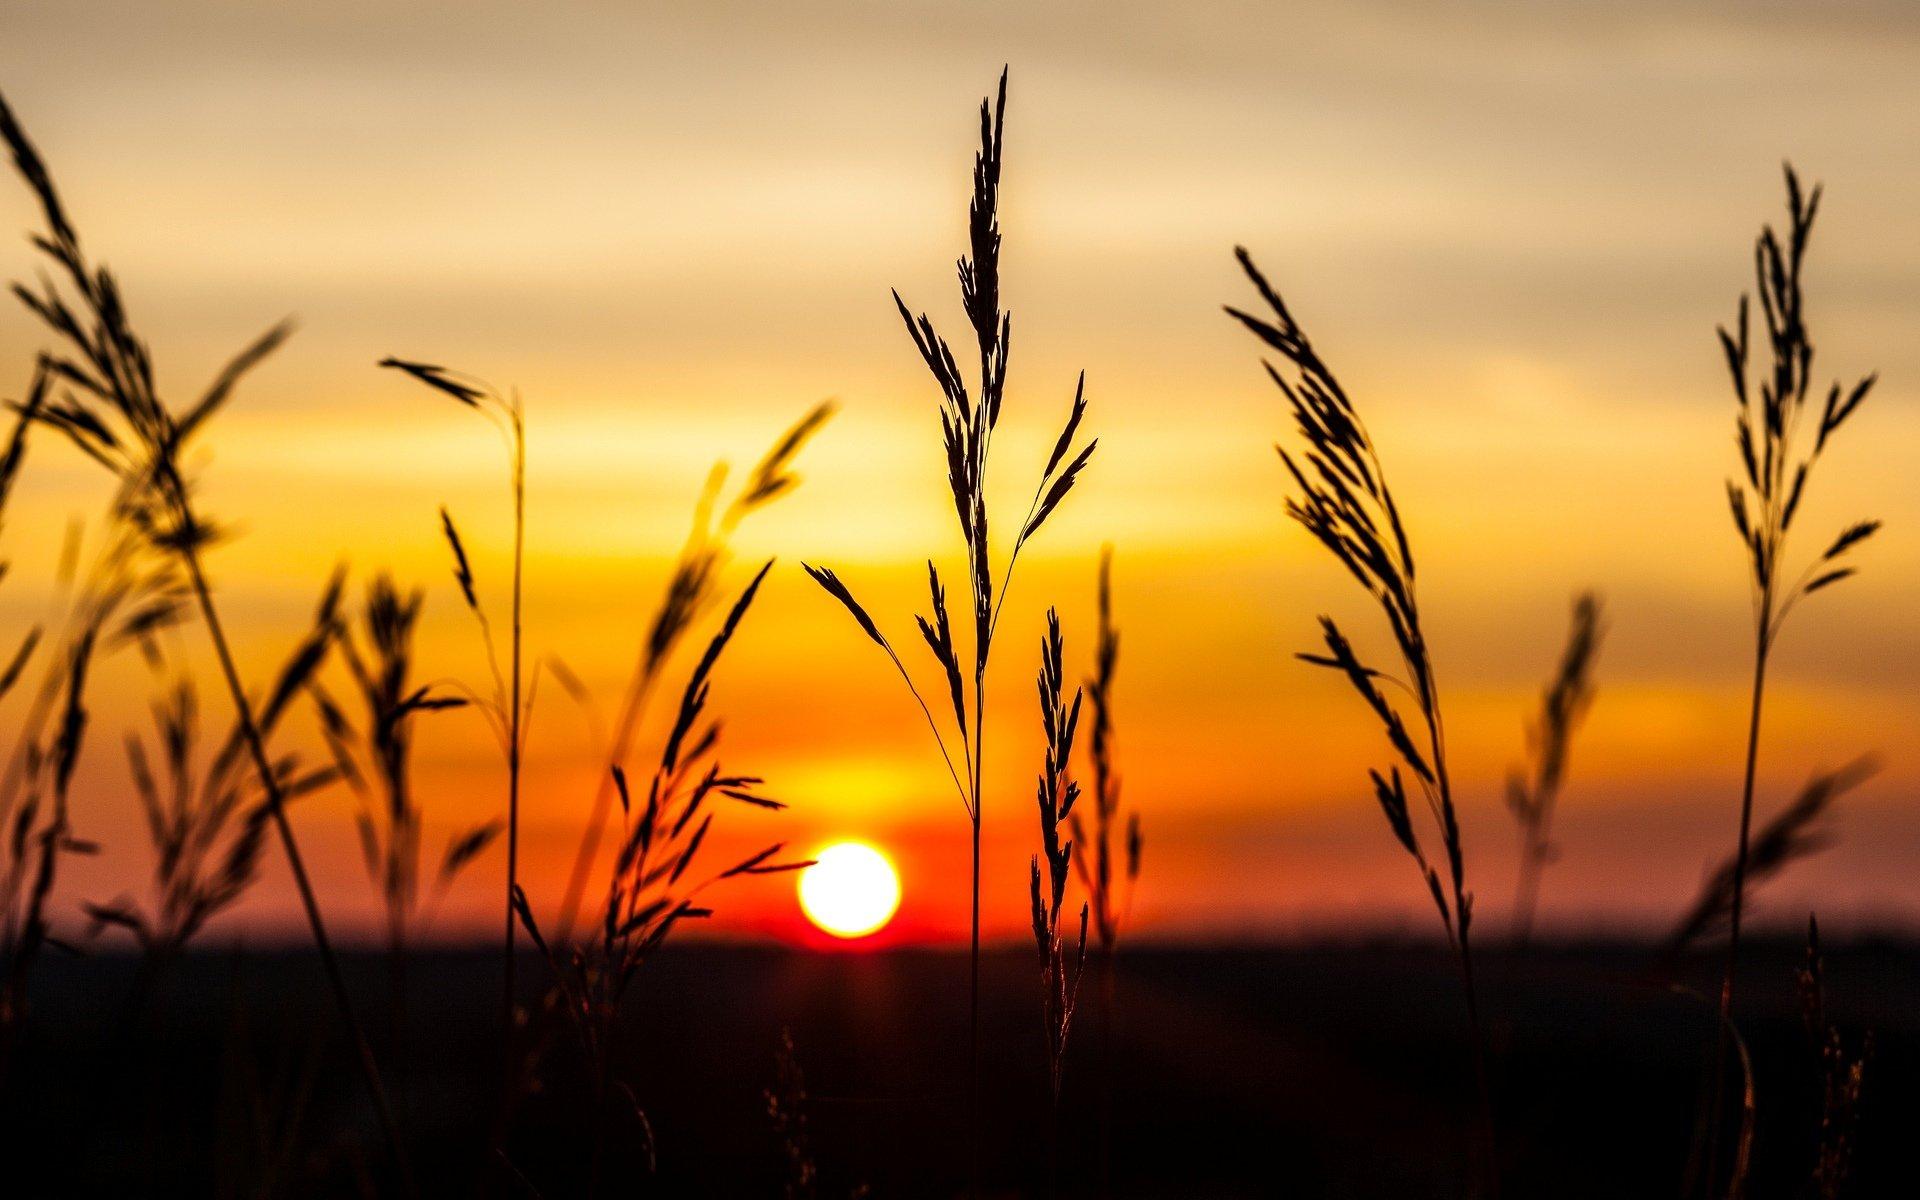 природа цветы трава мельниц восход солнце  № 2556671 загрузить